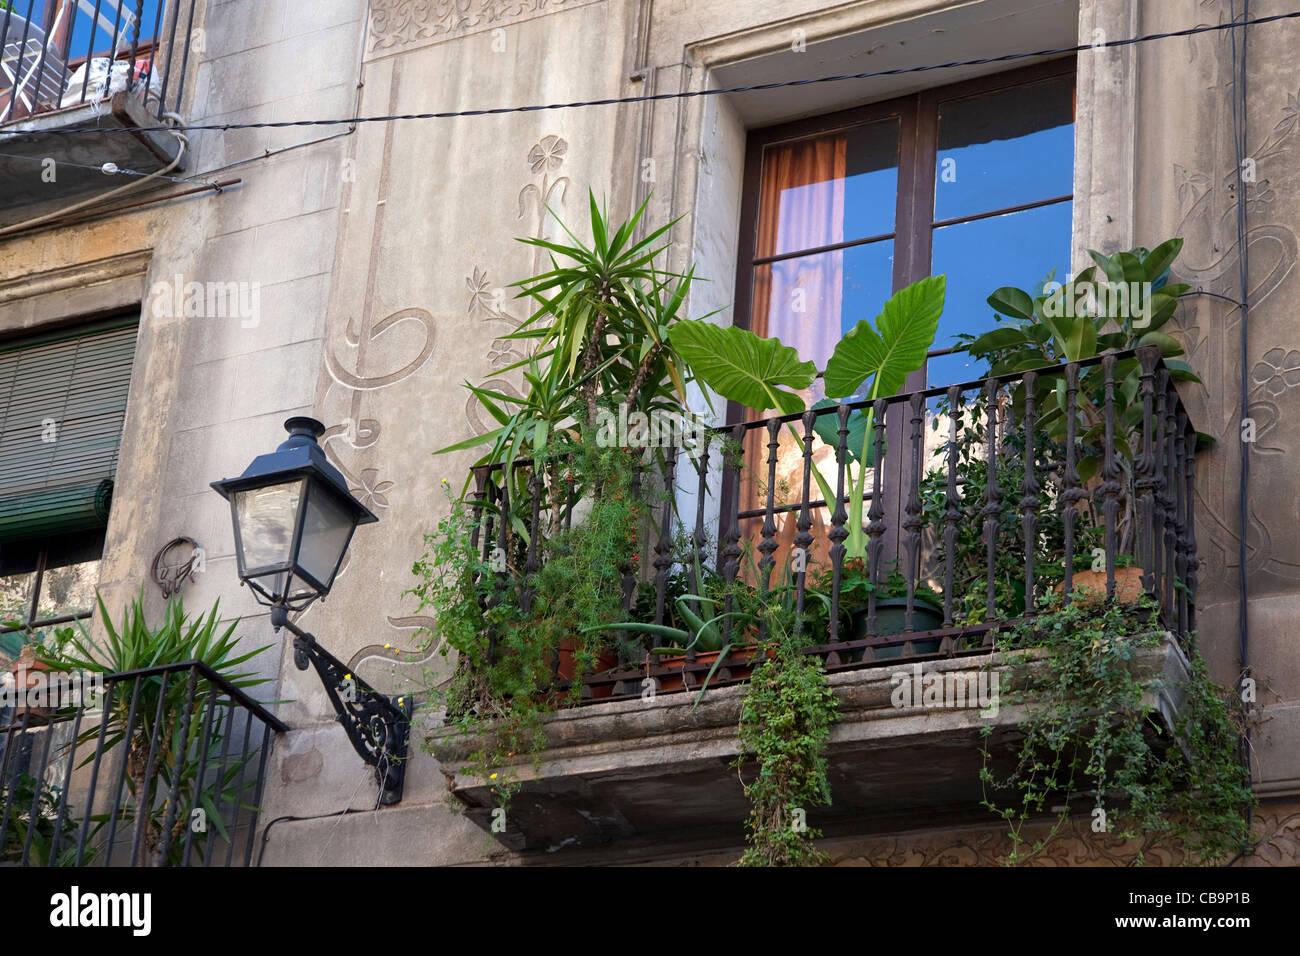 Balkon Garten mit Palmen im Barri Gòtic / gotische Viertel in Barcelona, Spanien Stockbild